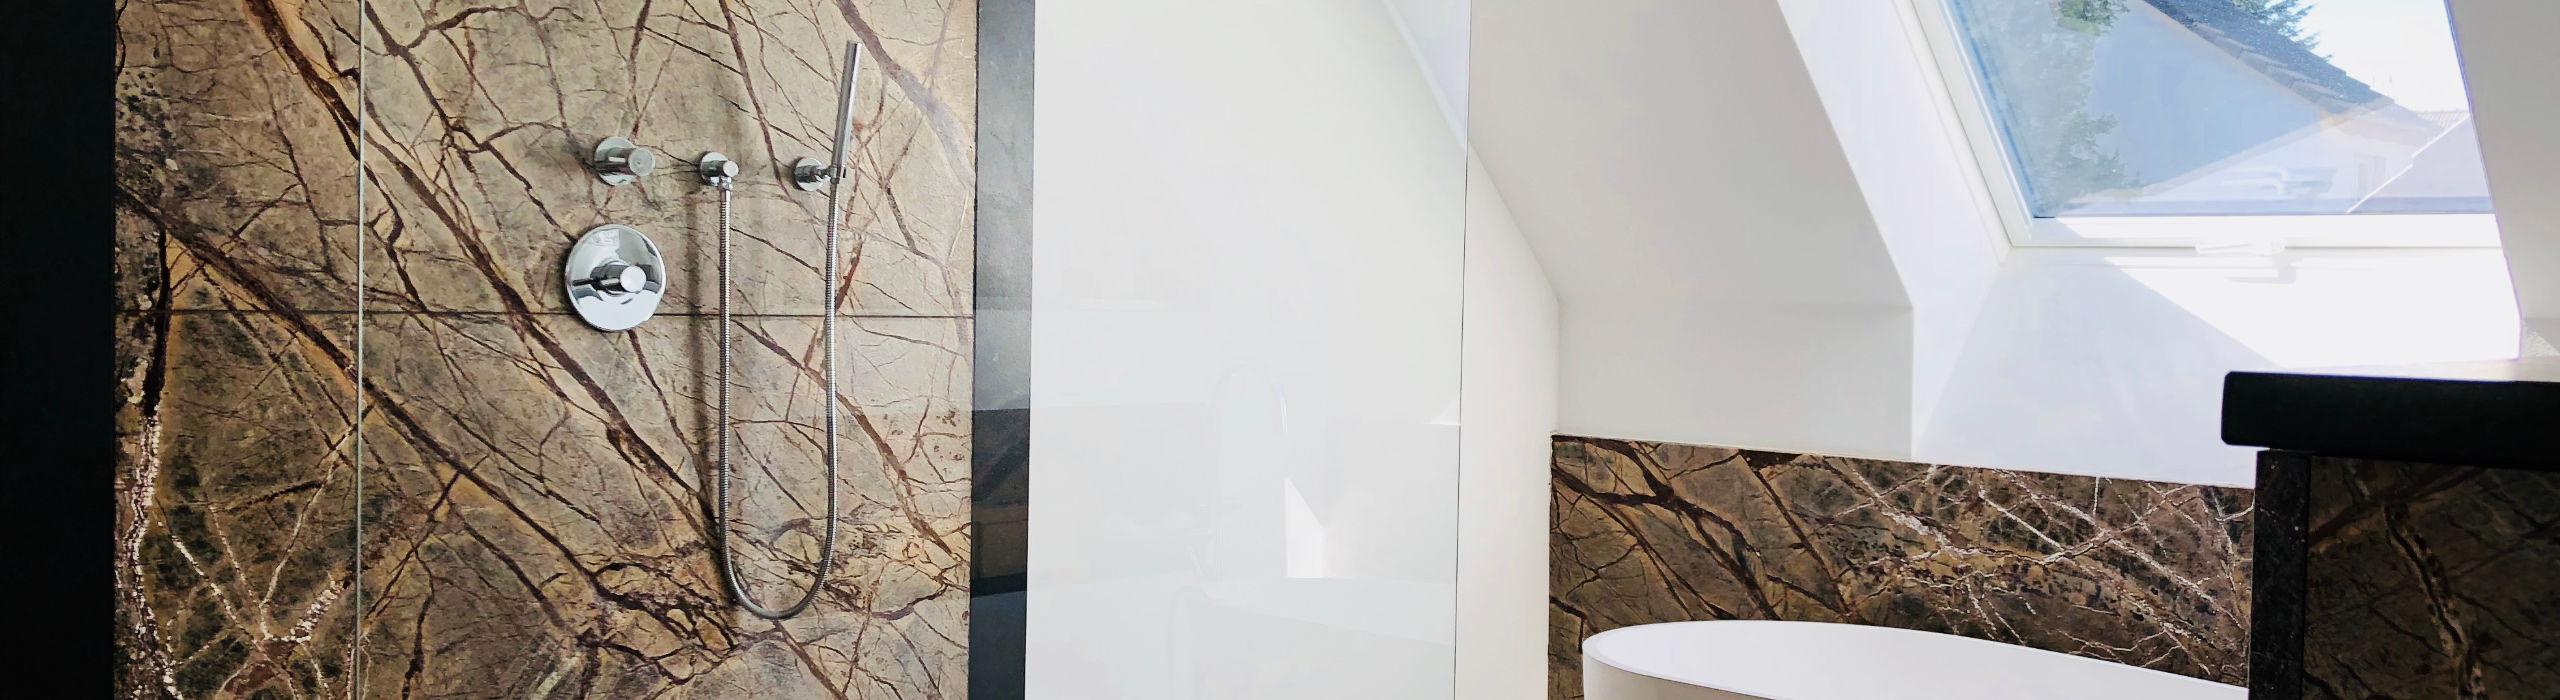 Full Size of Datenschutz As Natursteinwerk Küche Fliesenspiegel Fliesen In Holzoptik Bad Glas Badezimmer Bodenfliesen Holzfliesen Für Selber Machen Dusche Bodengleiche Wohnzimmer Fliesen Verkleiden